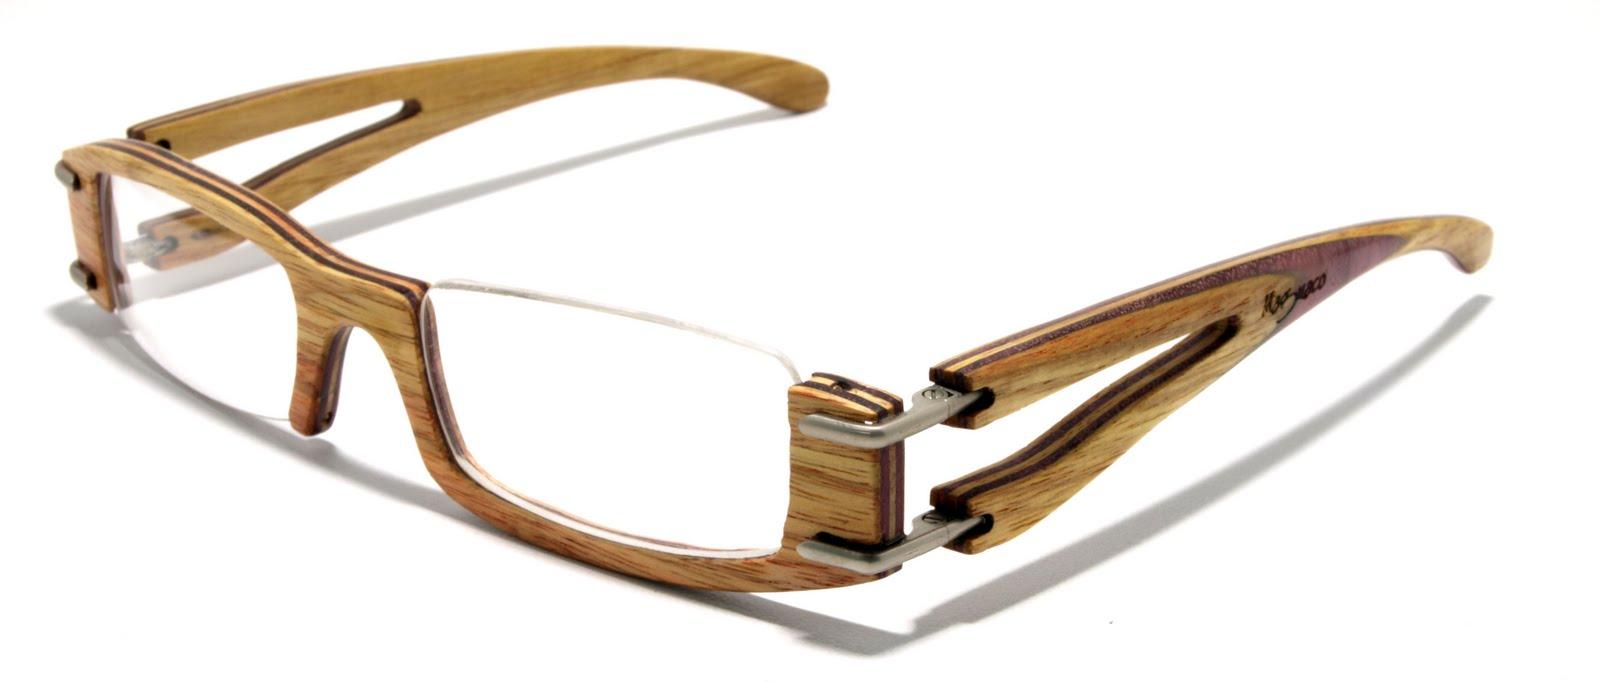 MAGUACO - accesorios de moda en madera: CÓMO ELEGIR LA MONTURA SEGÚN ...